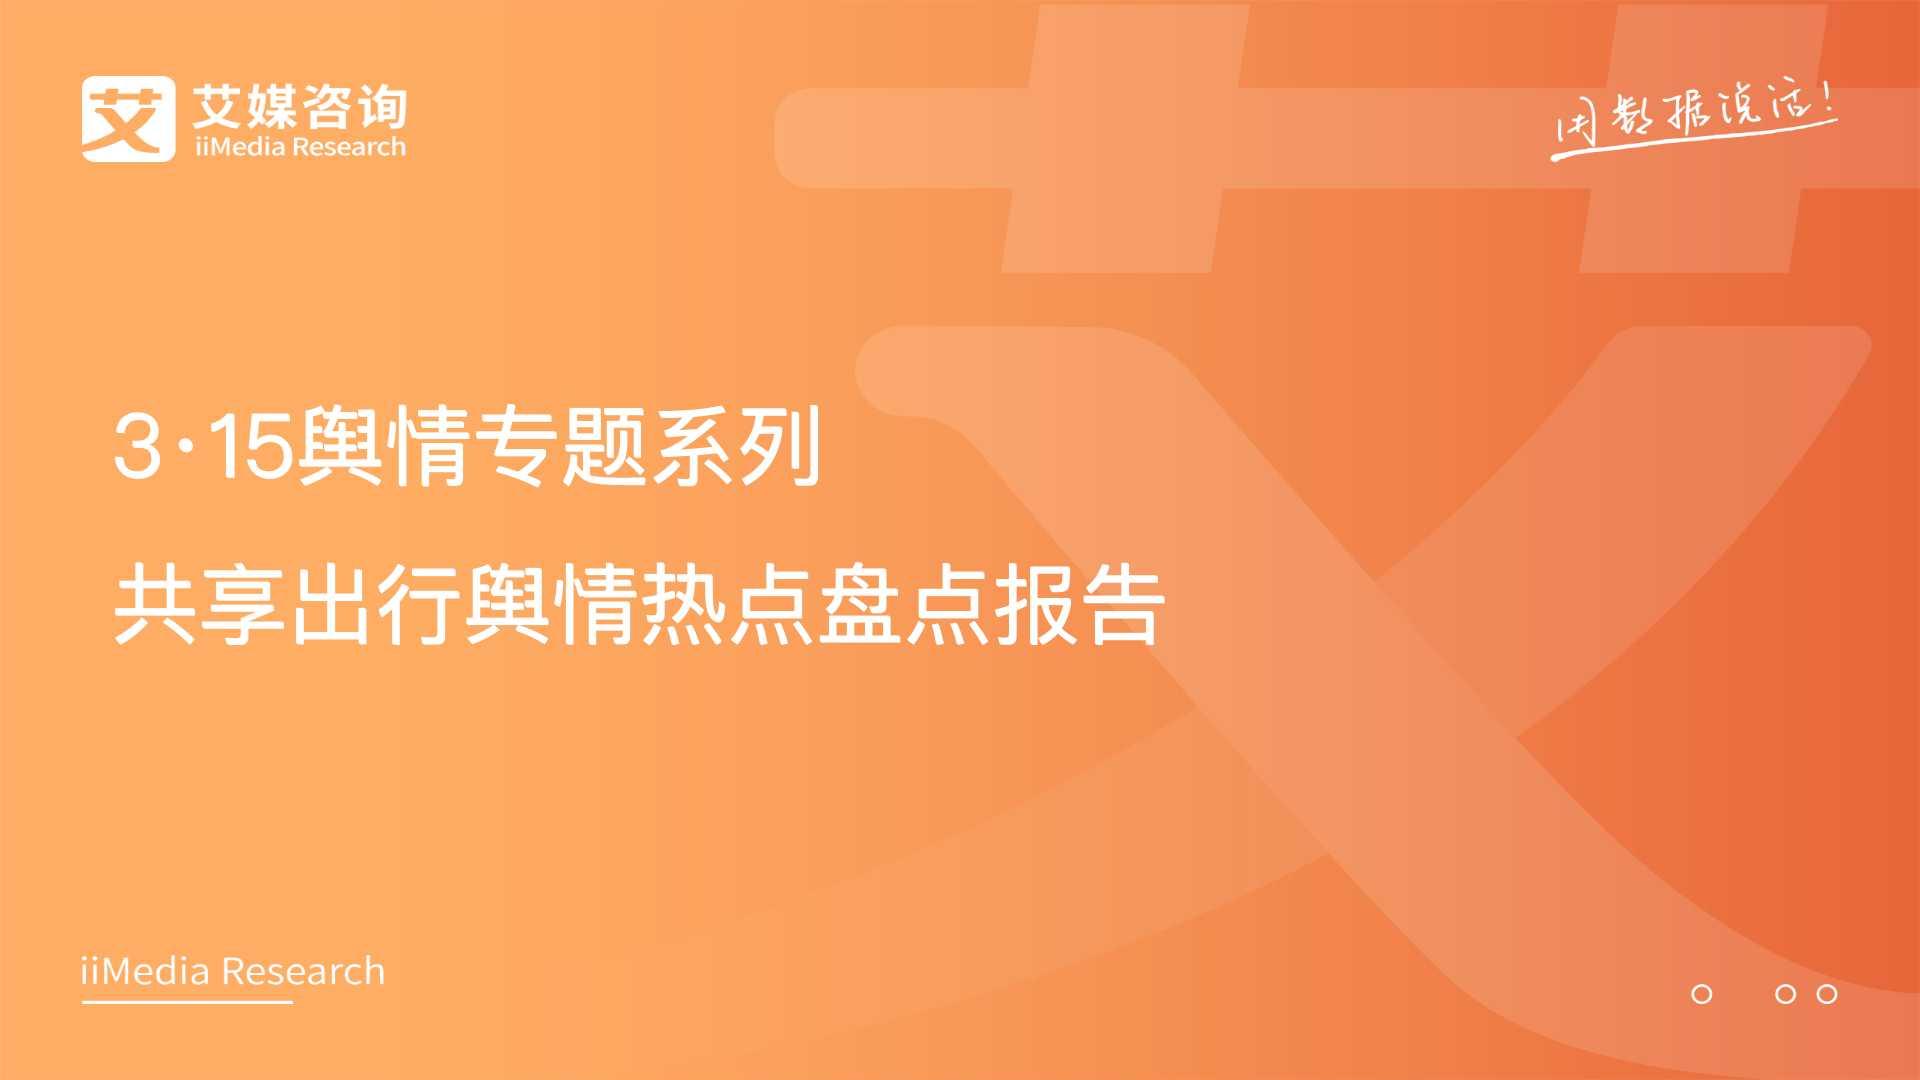 艾媒舆情|3·15舆情专题系列:共享出行舆情热点盘点报告